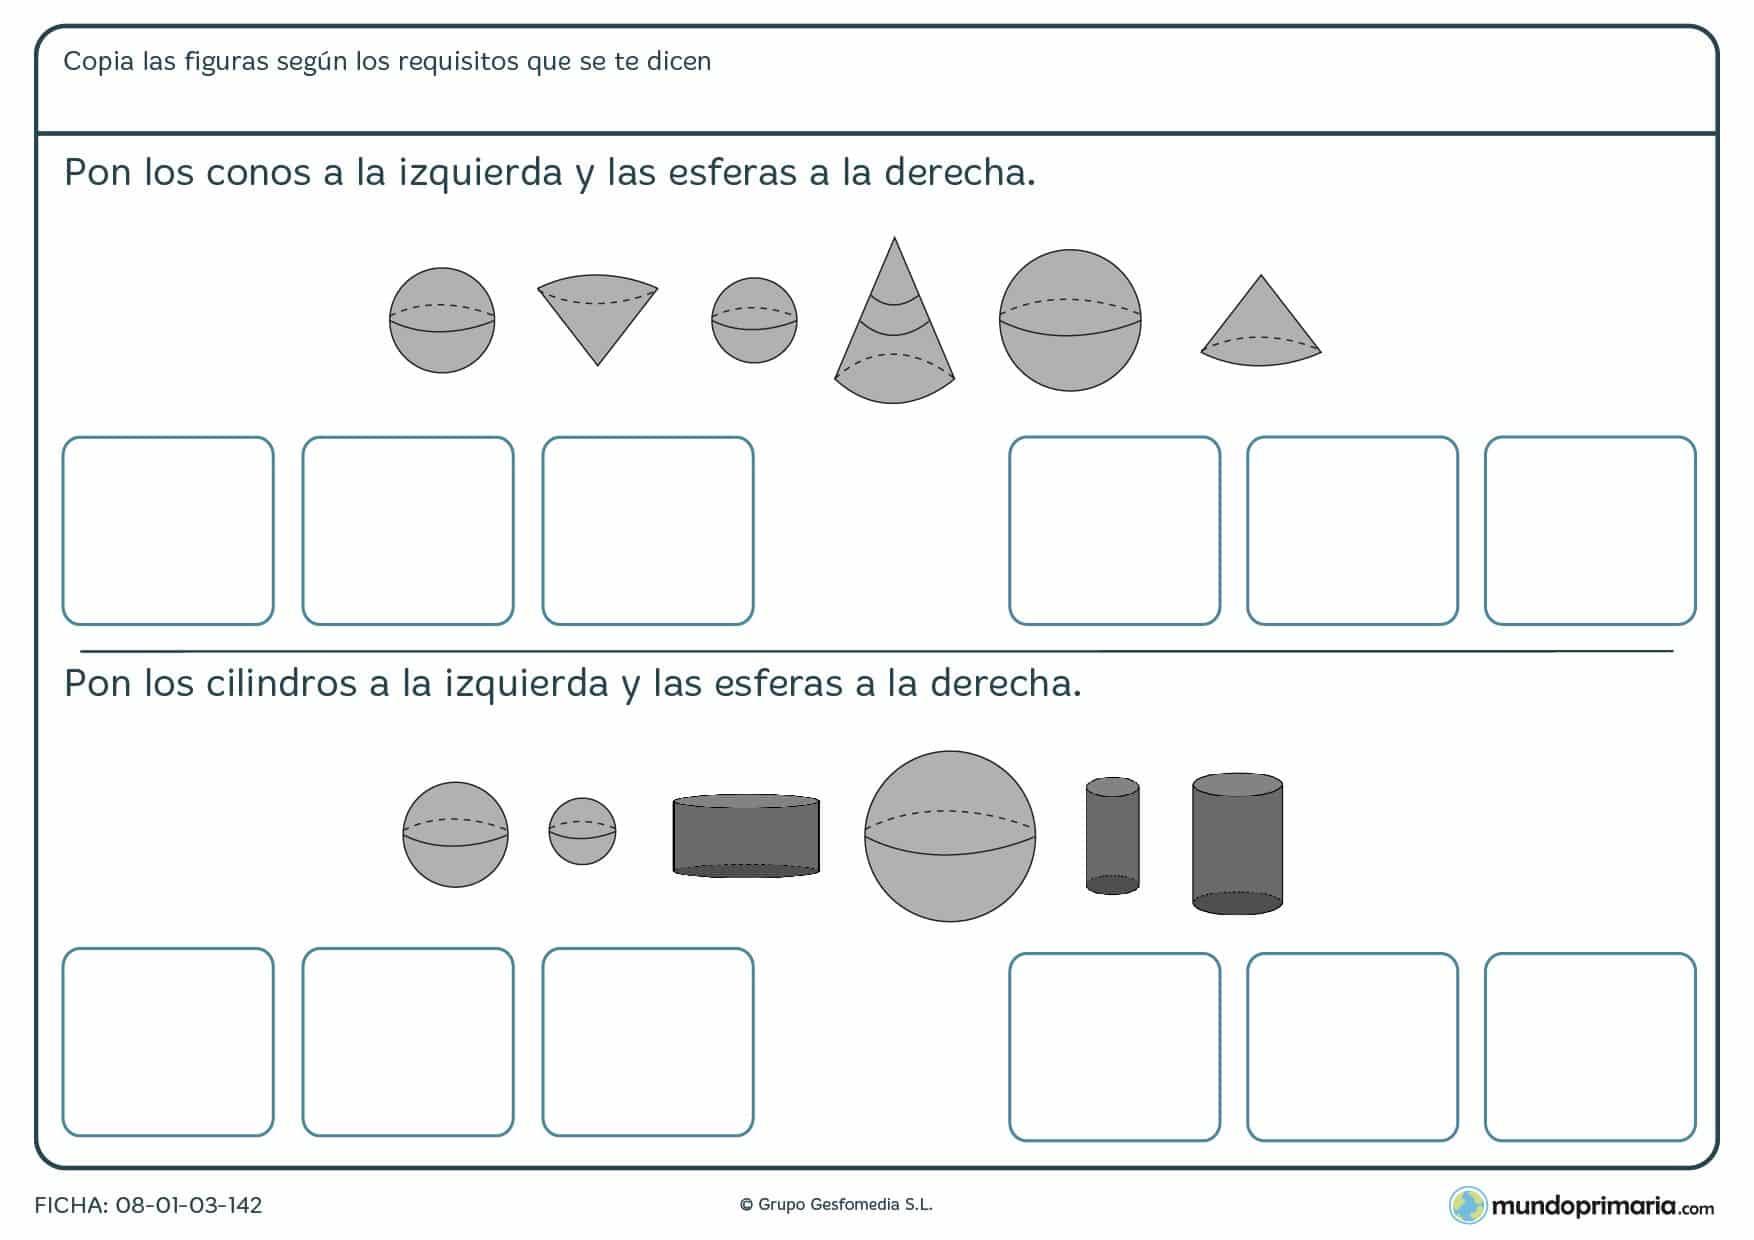 Ficha de ordenar cilindros, conos y esferas en el orden que se indica en el enunciado.